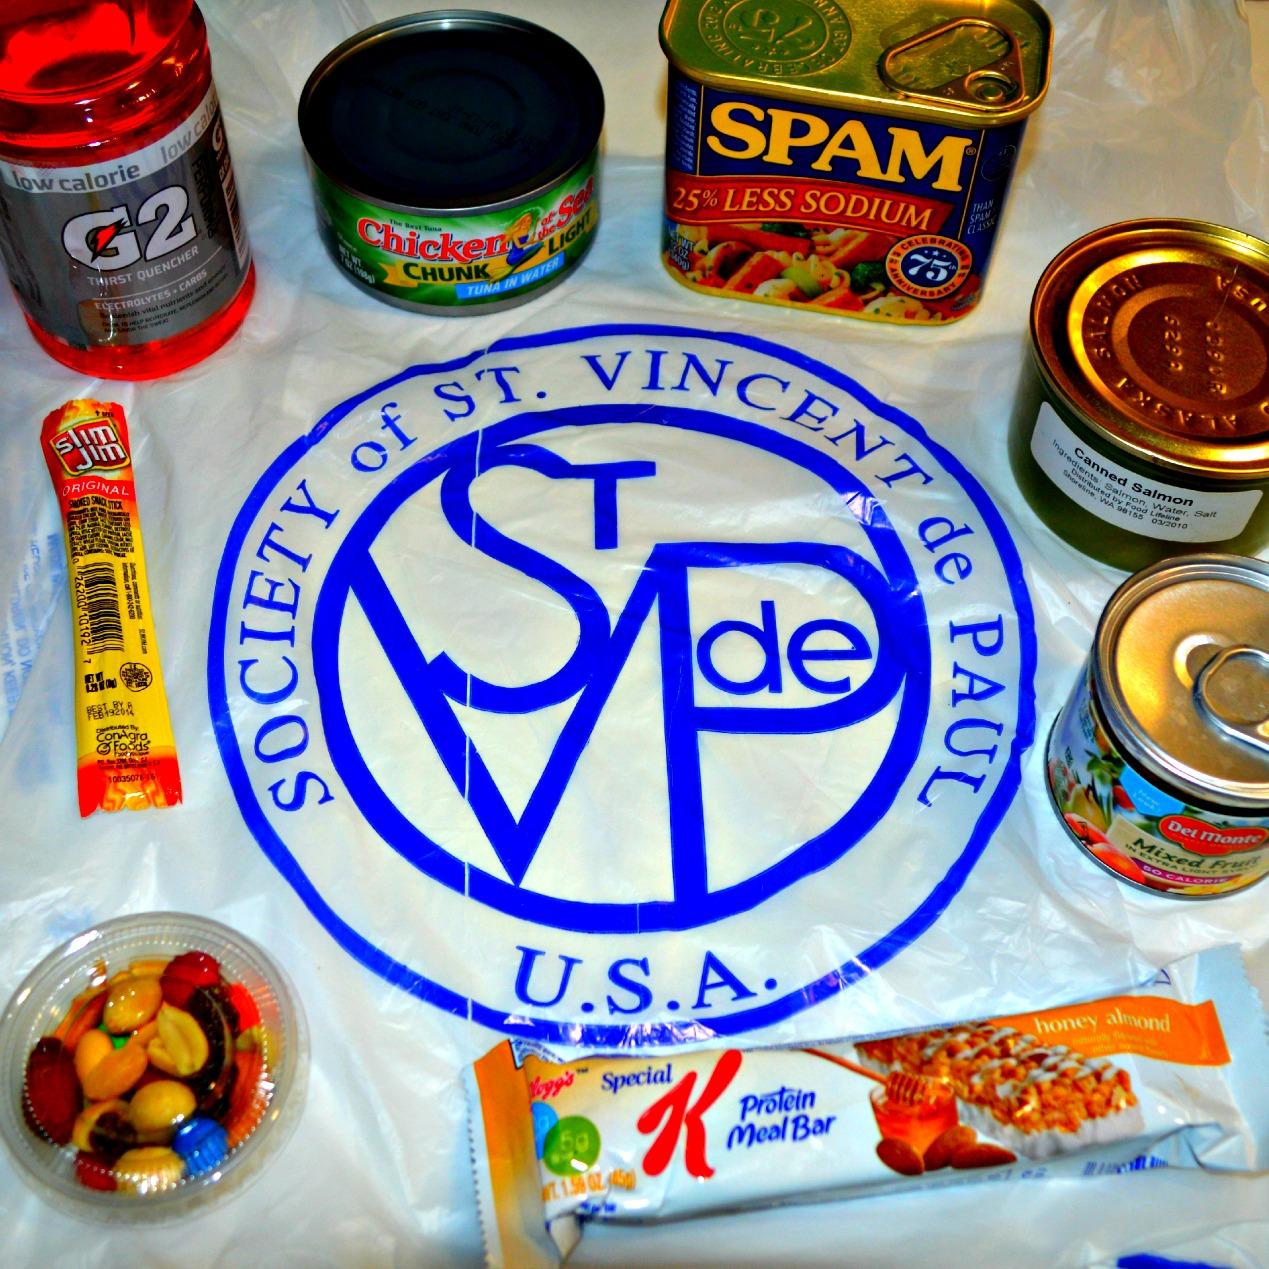 Seattle Food Bank Amp Community Support St Vincent De